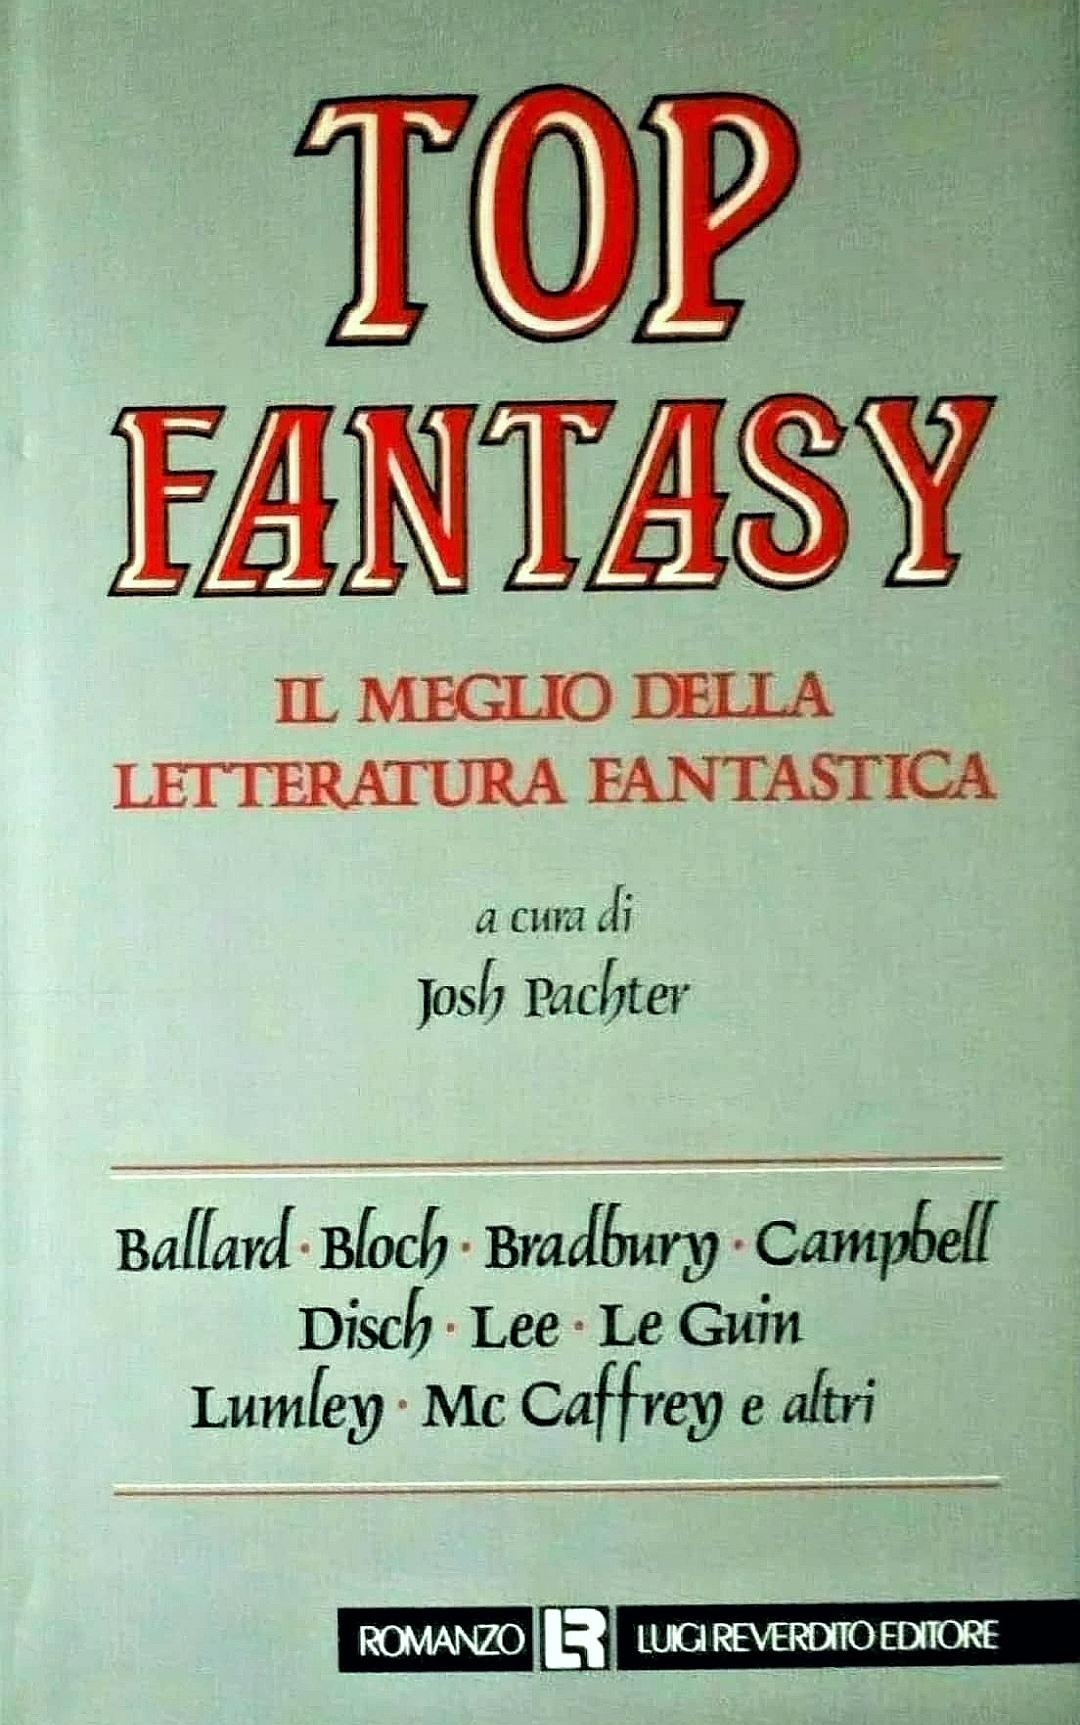 Top fantasy